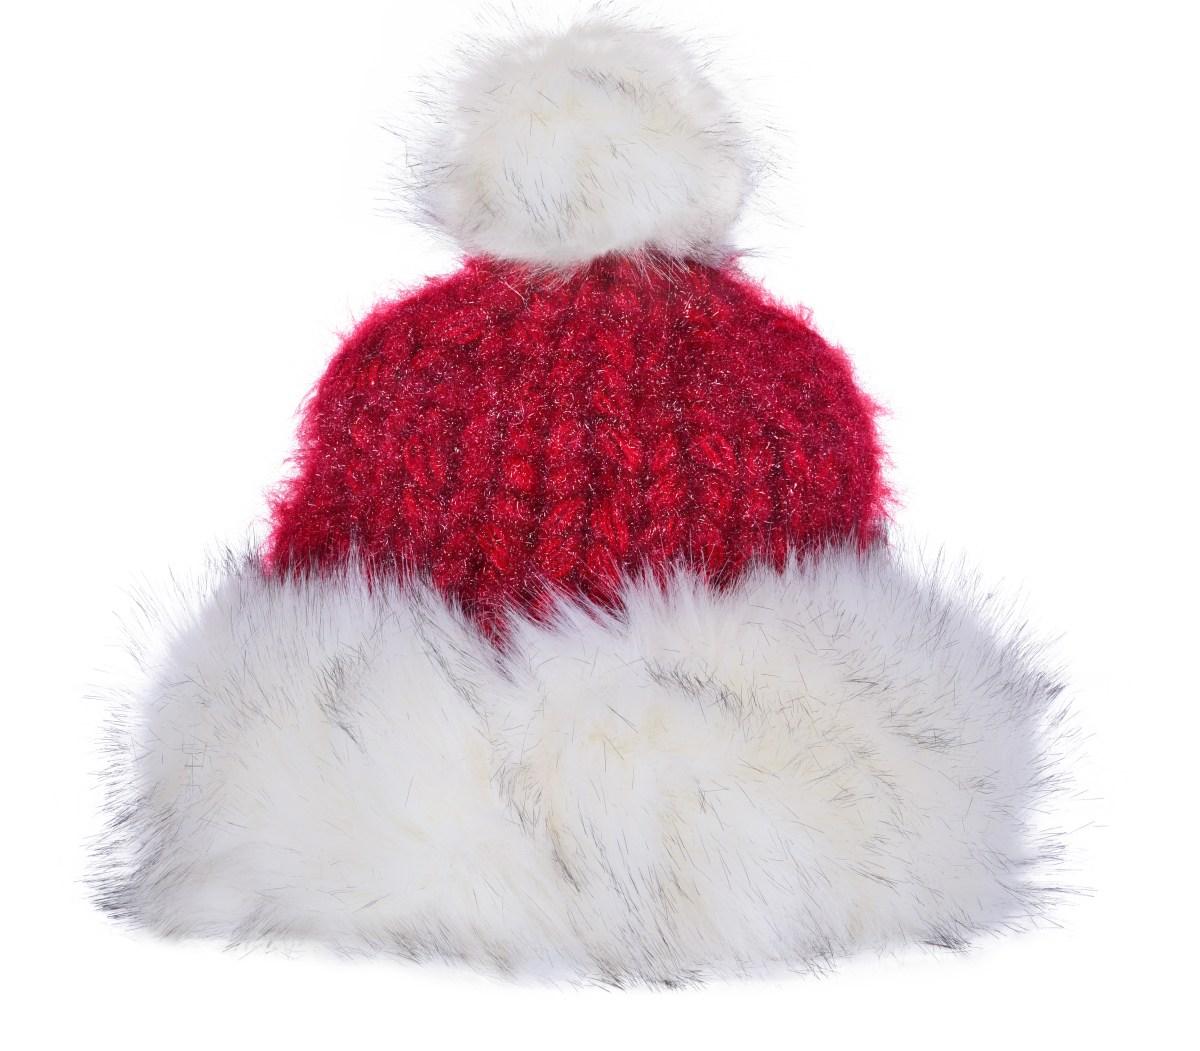 Ručně pletená čepice s hřejivou podšívkou POLARIS